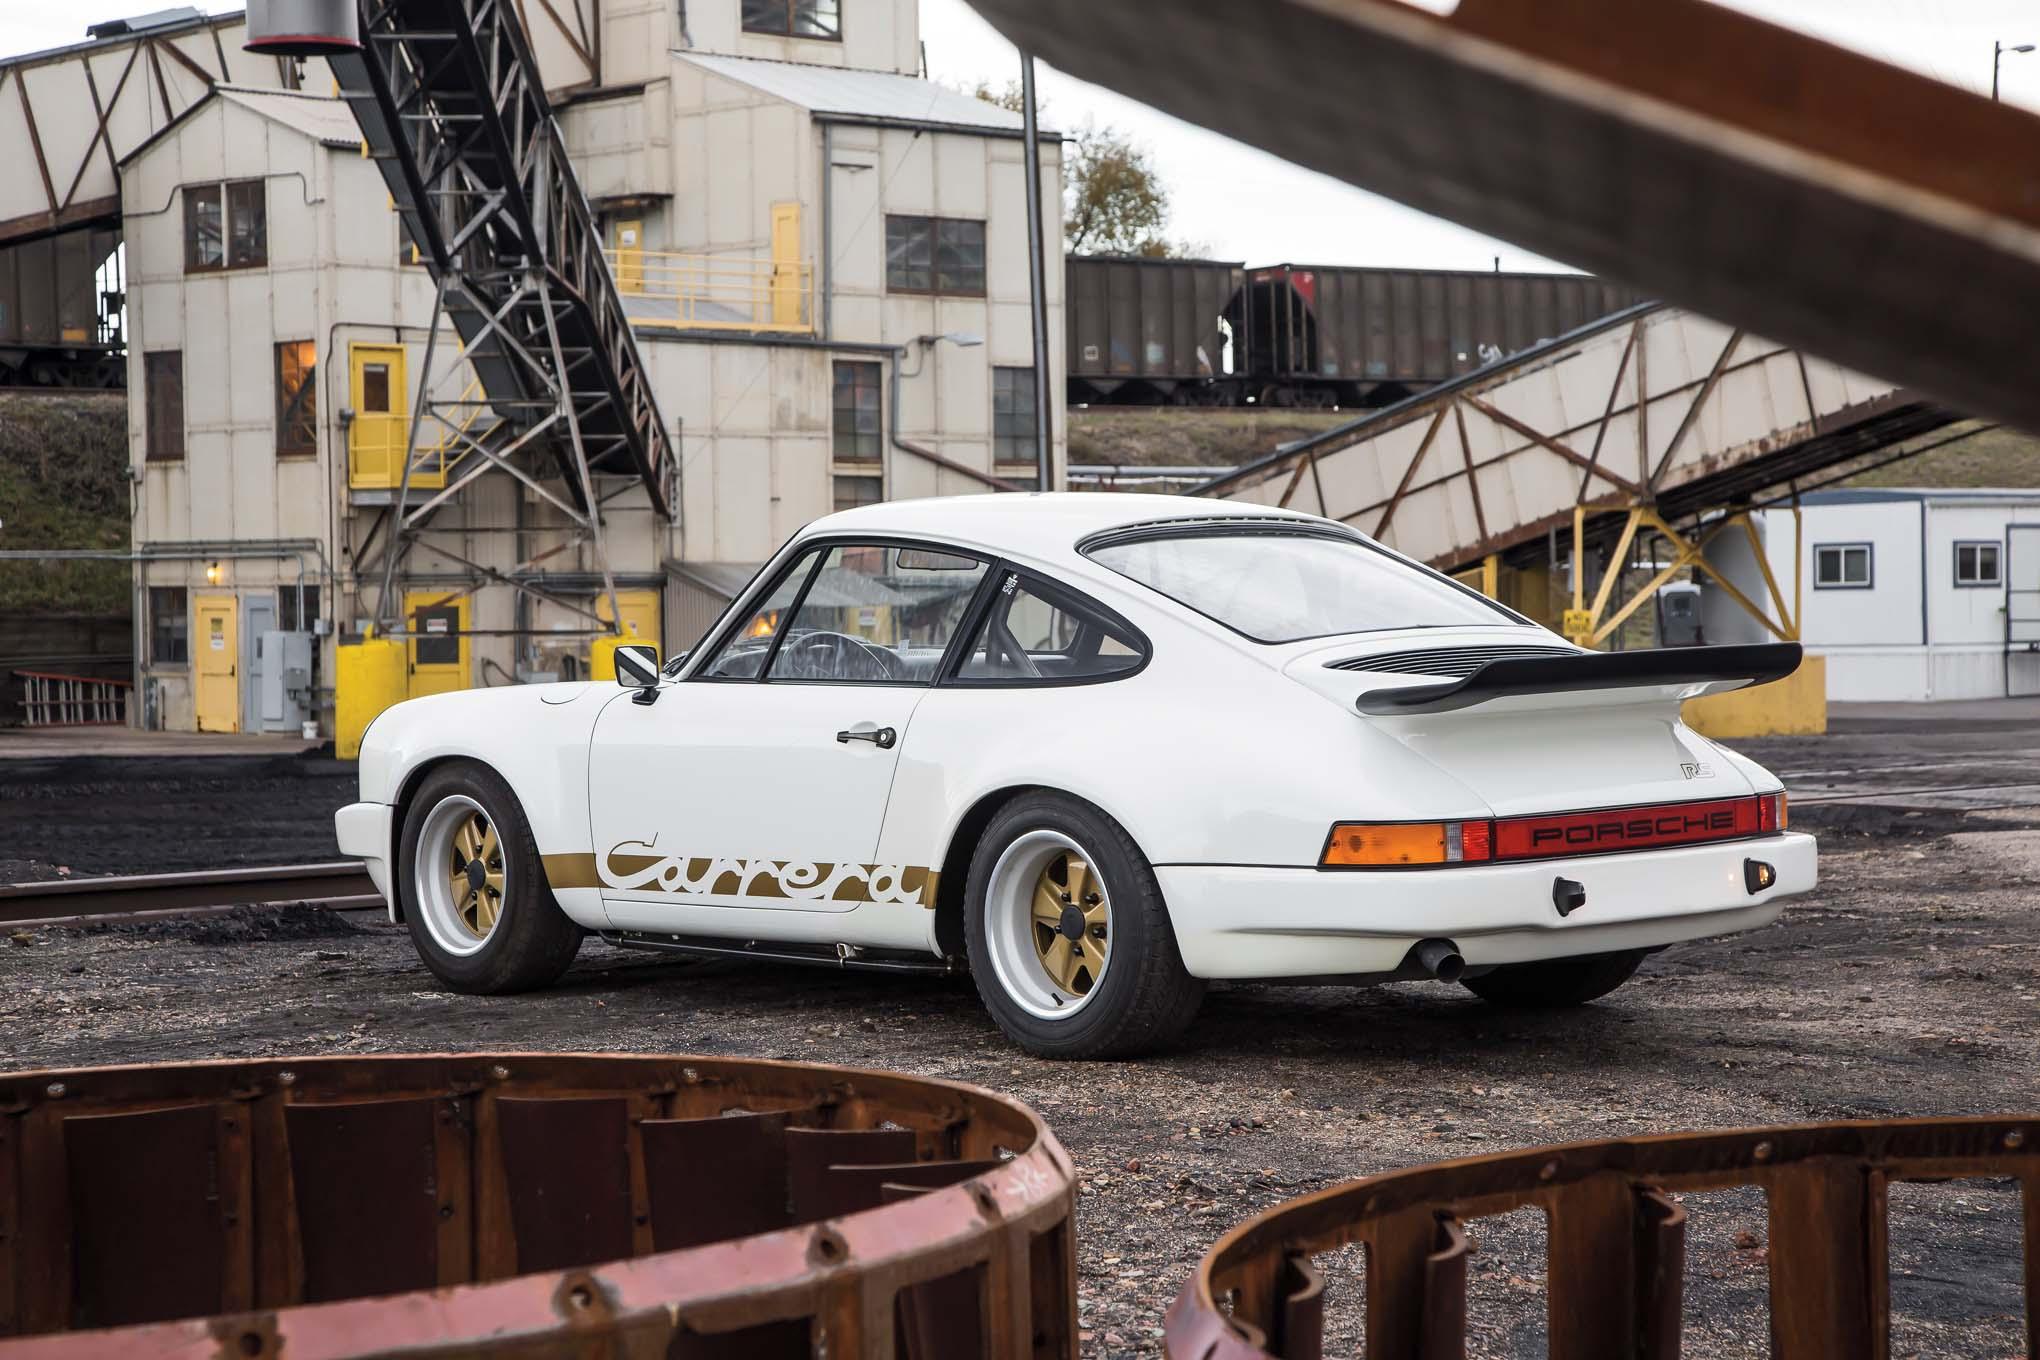 1974-Porsche-911-Carrera-RS-rear-three-quarters.jpg